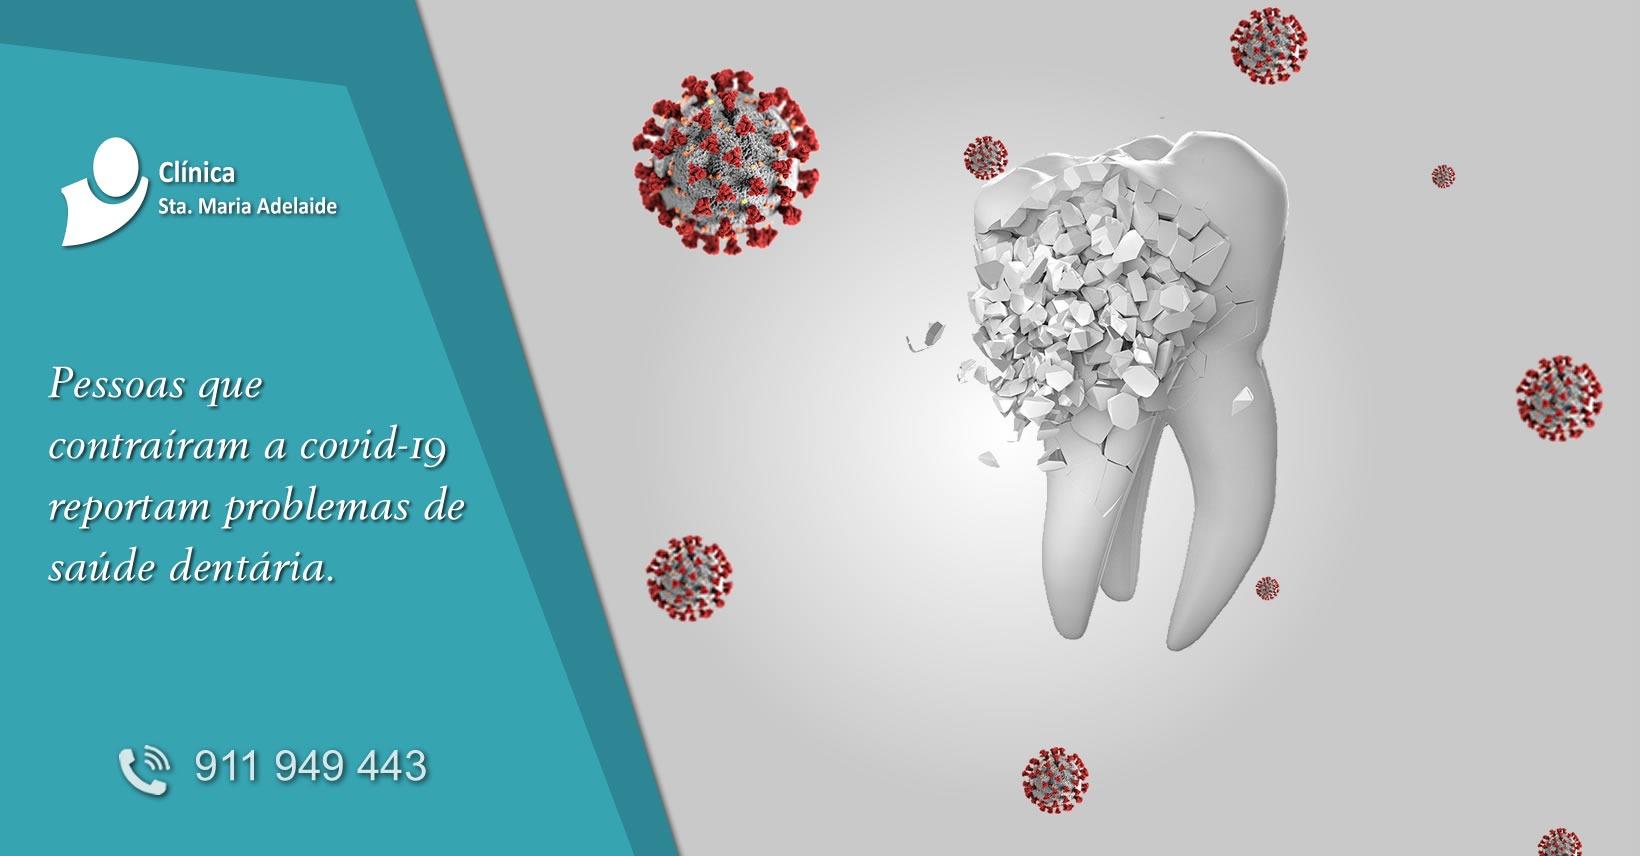 Dentista Covid 19, odontologia, dentista em Gaia